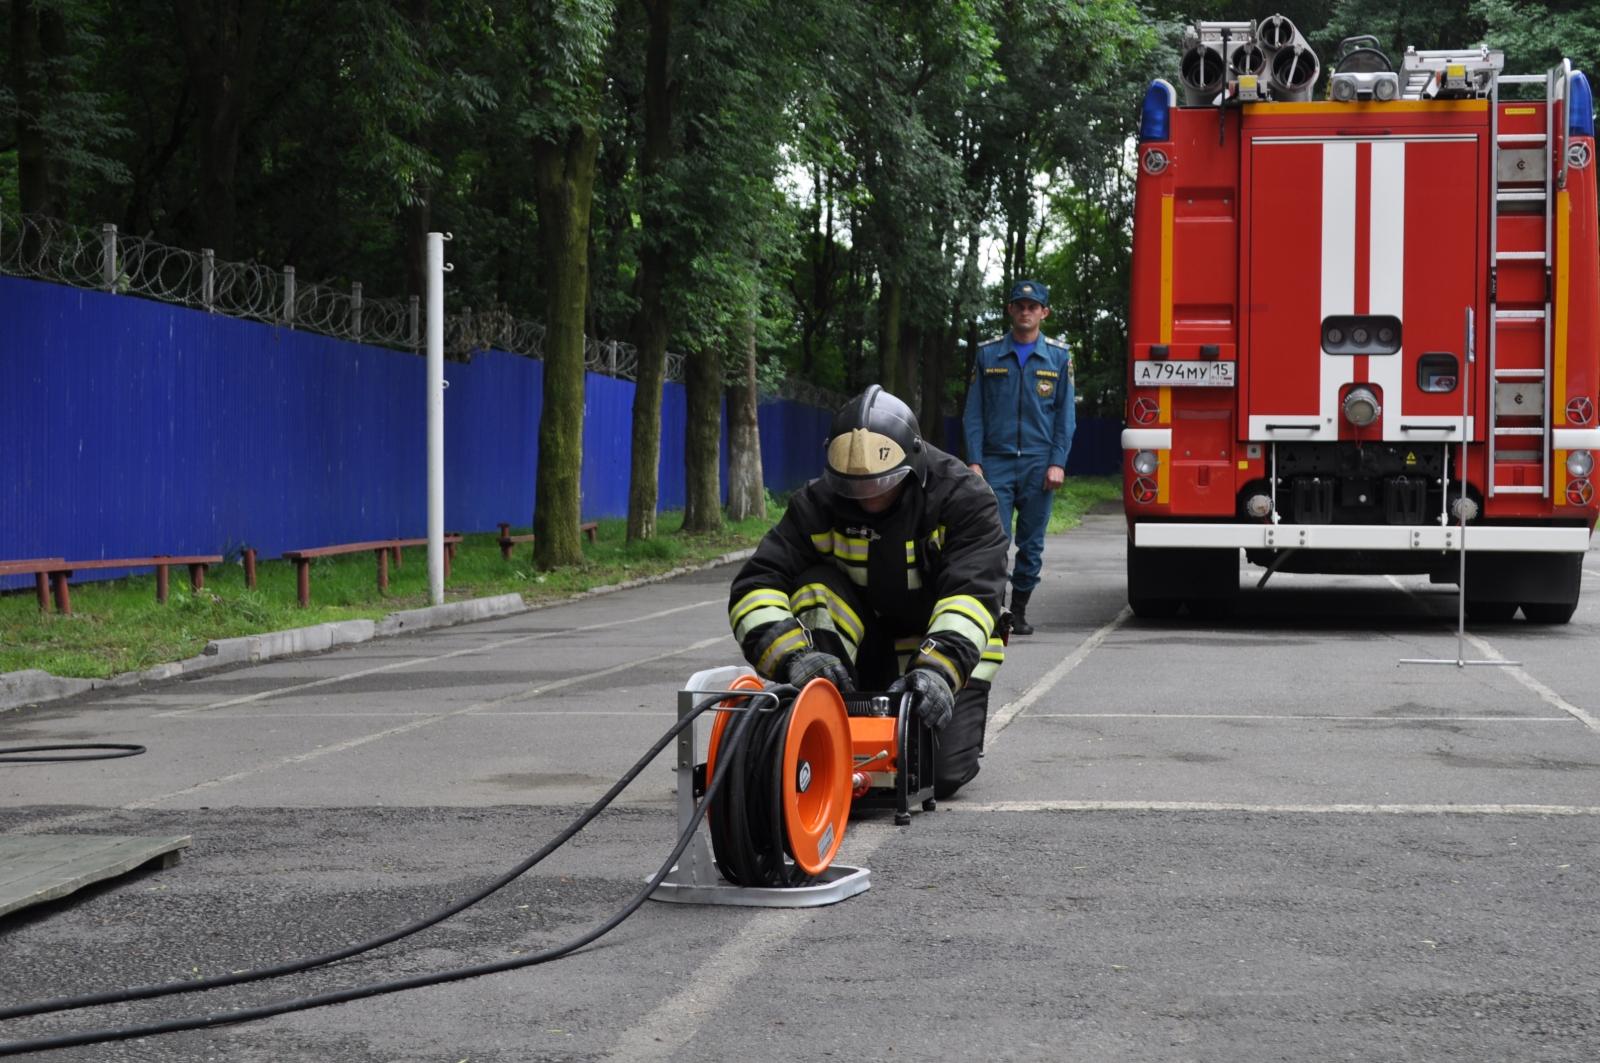 начальник пожарной части вязьма фото сотрудников род ангорская